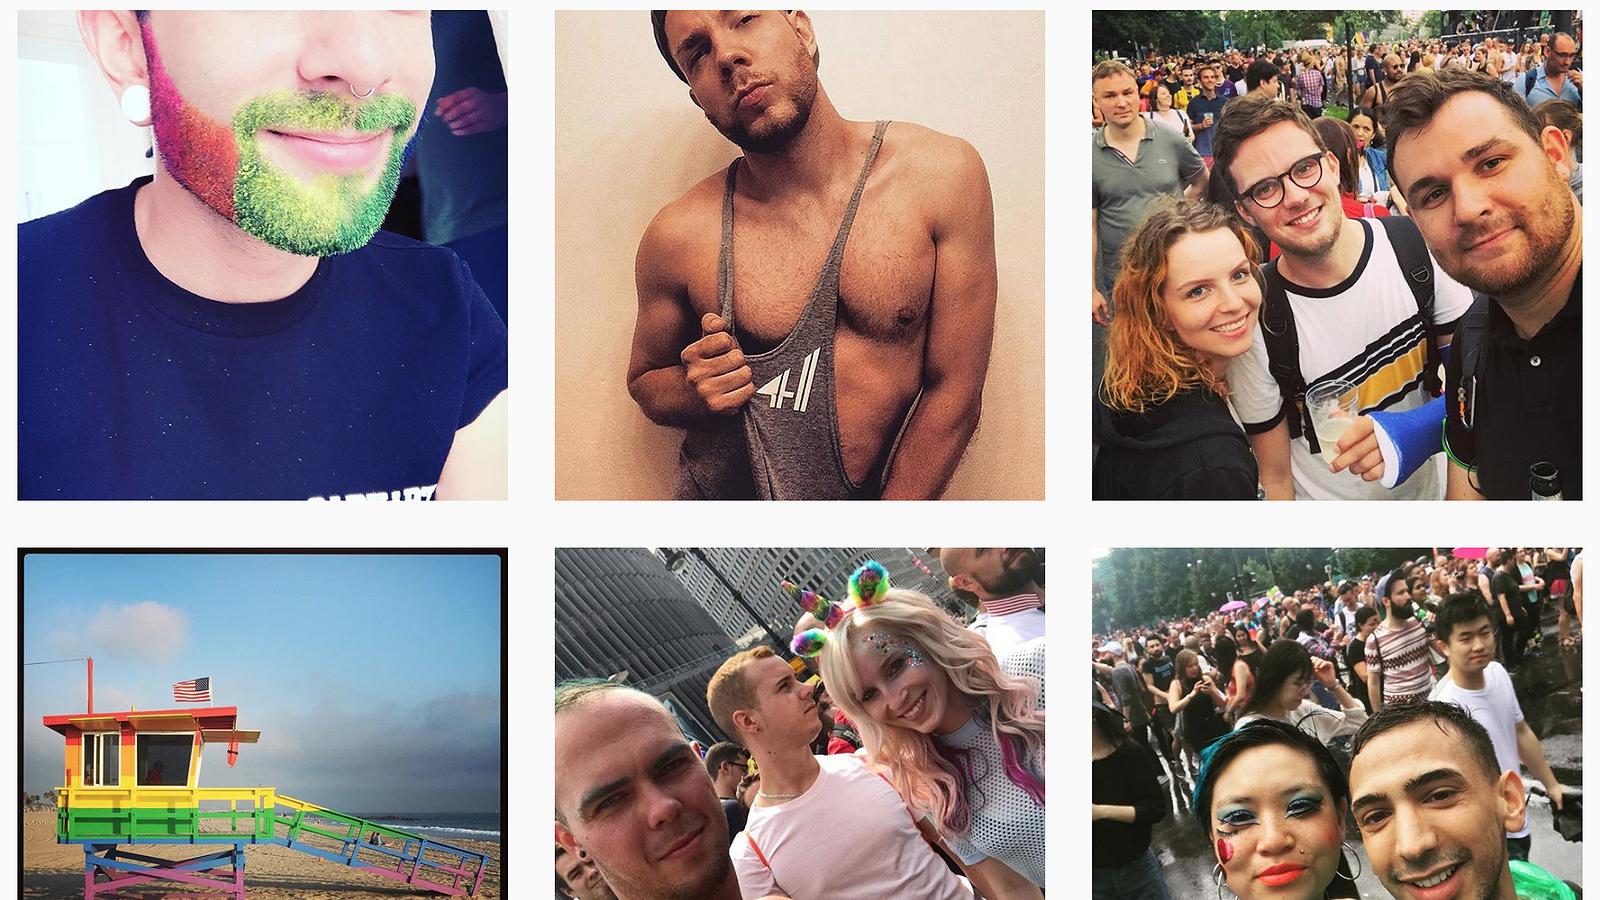 De heetste beelden van een regenachtige Berlijnse Pride